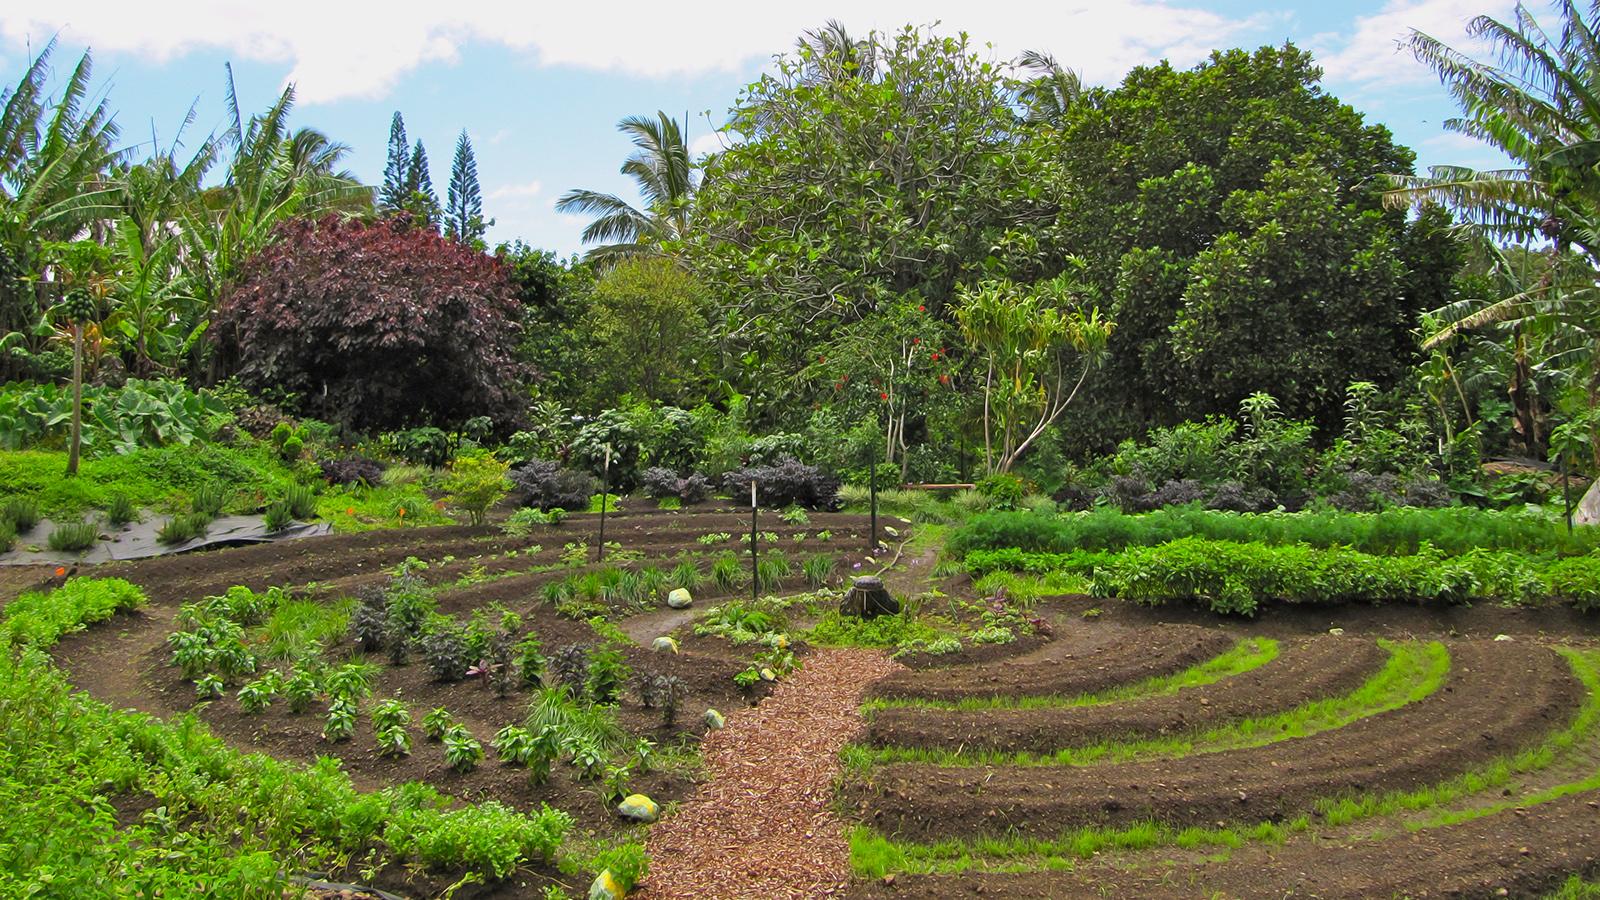 Cerco luogo per avviare ecovillaggio basato sulla Permacultura